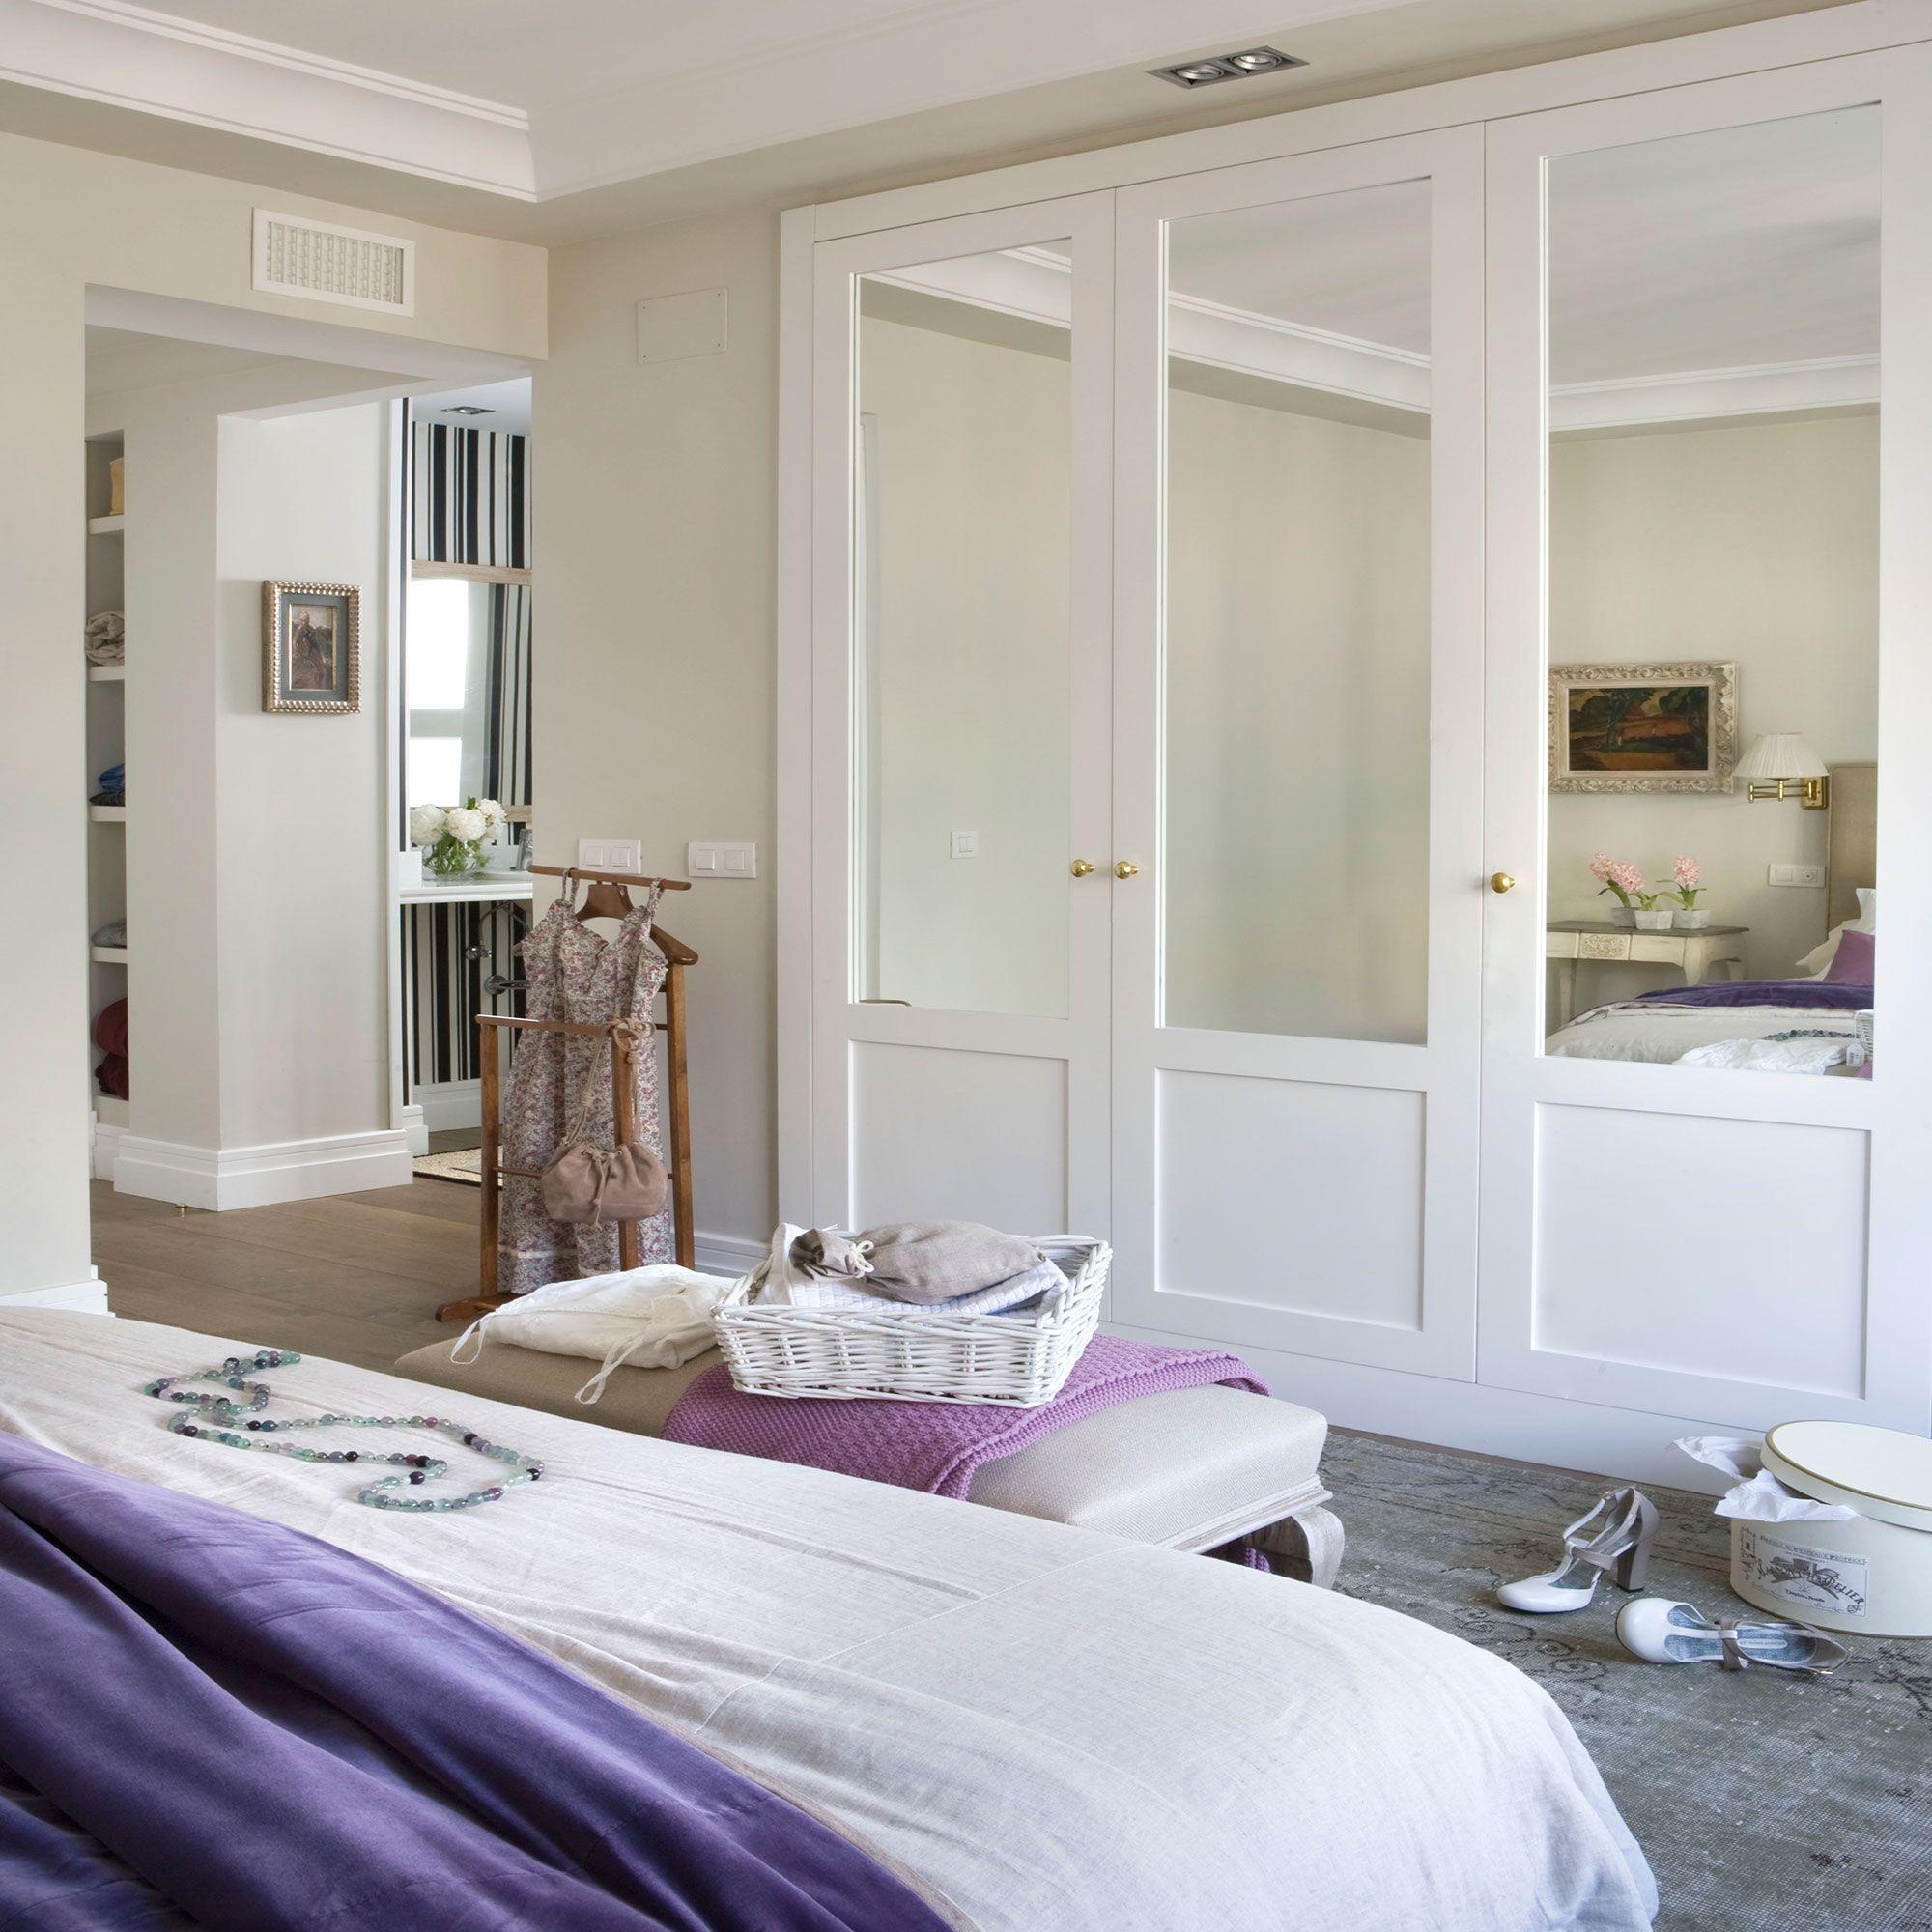 7 armarios geniales que querrás copiar | El dormitorio, Armario y ...